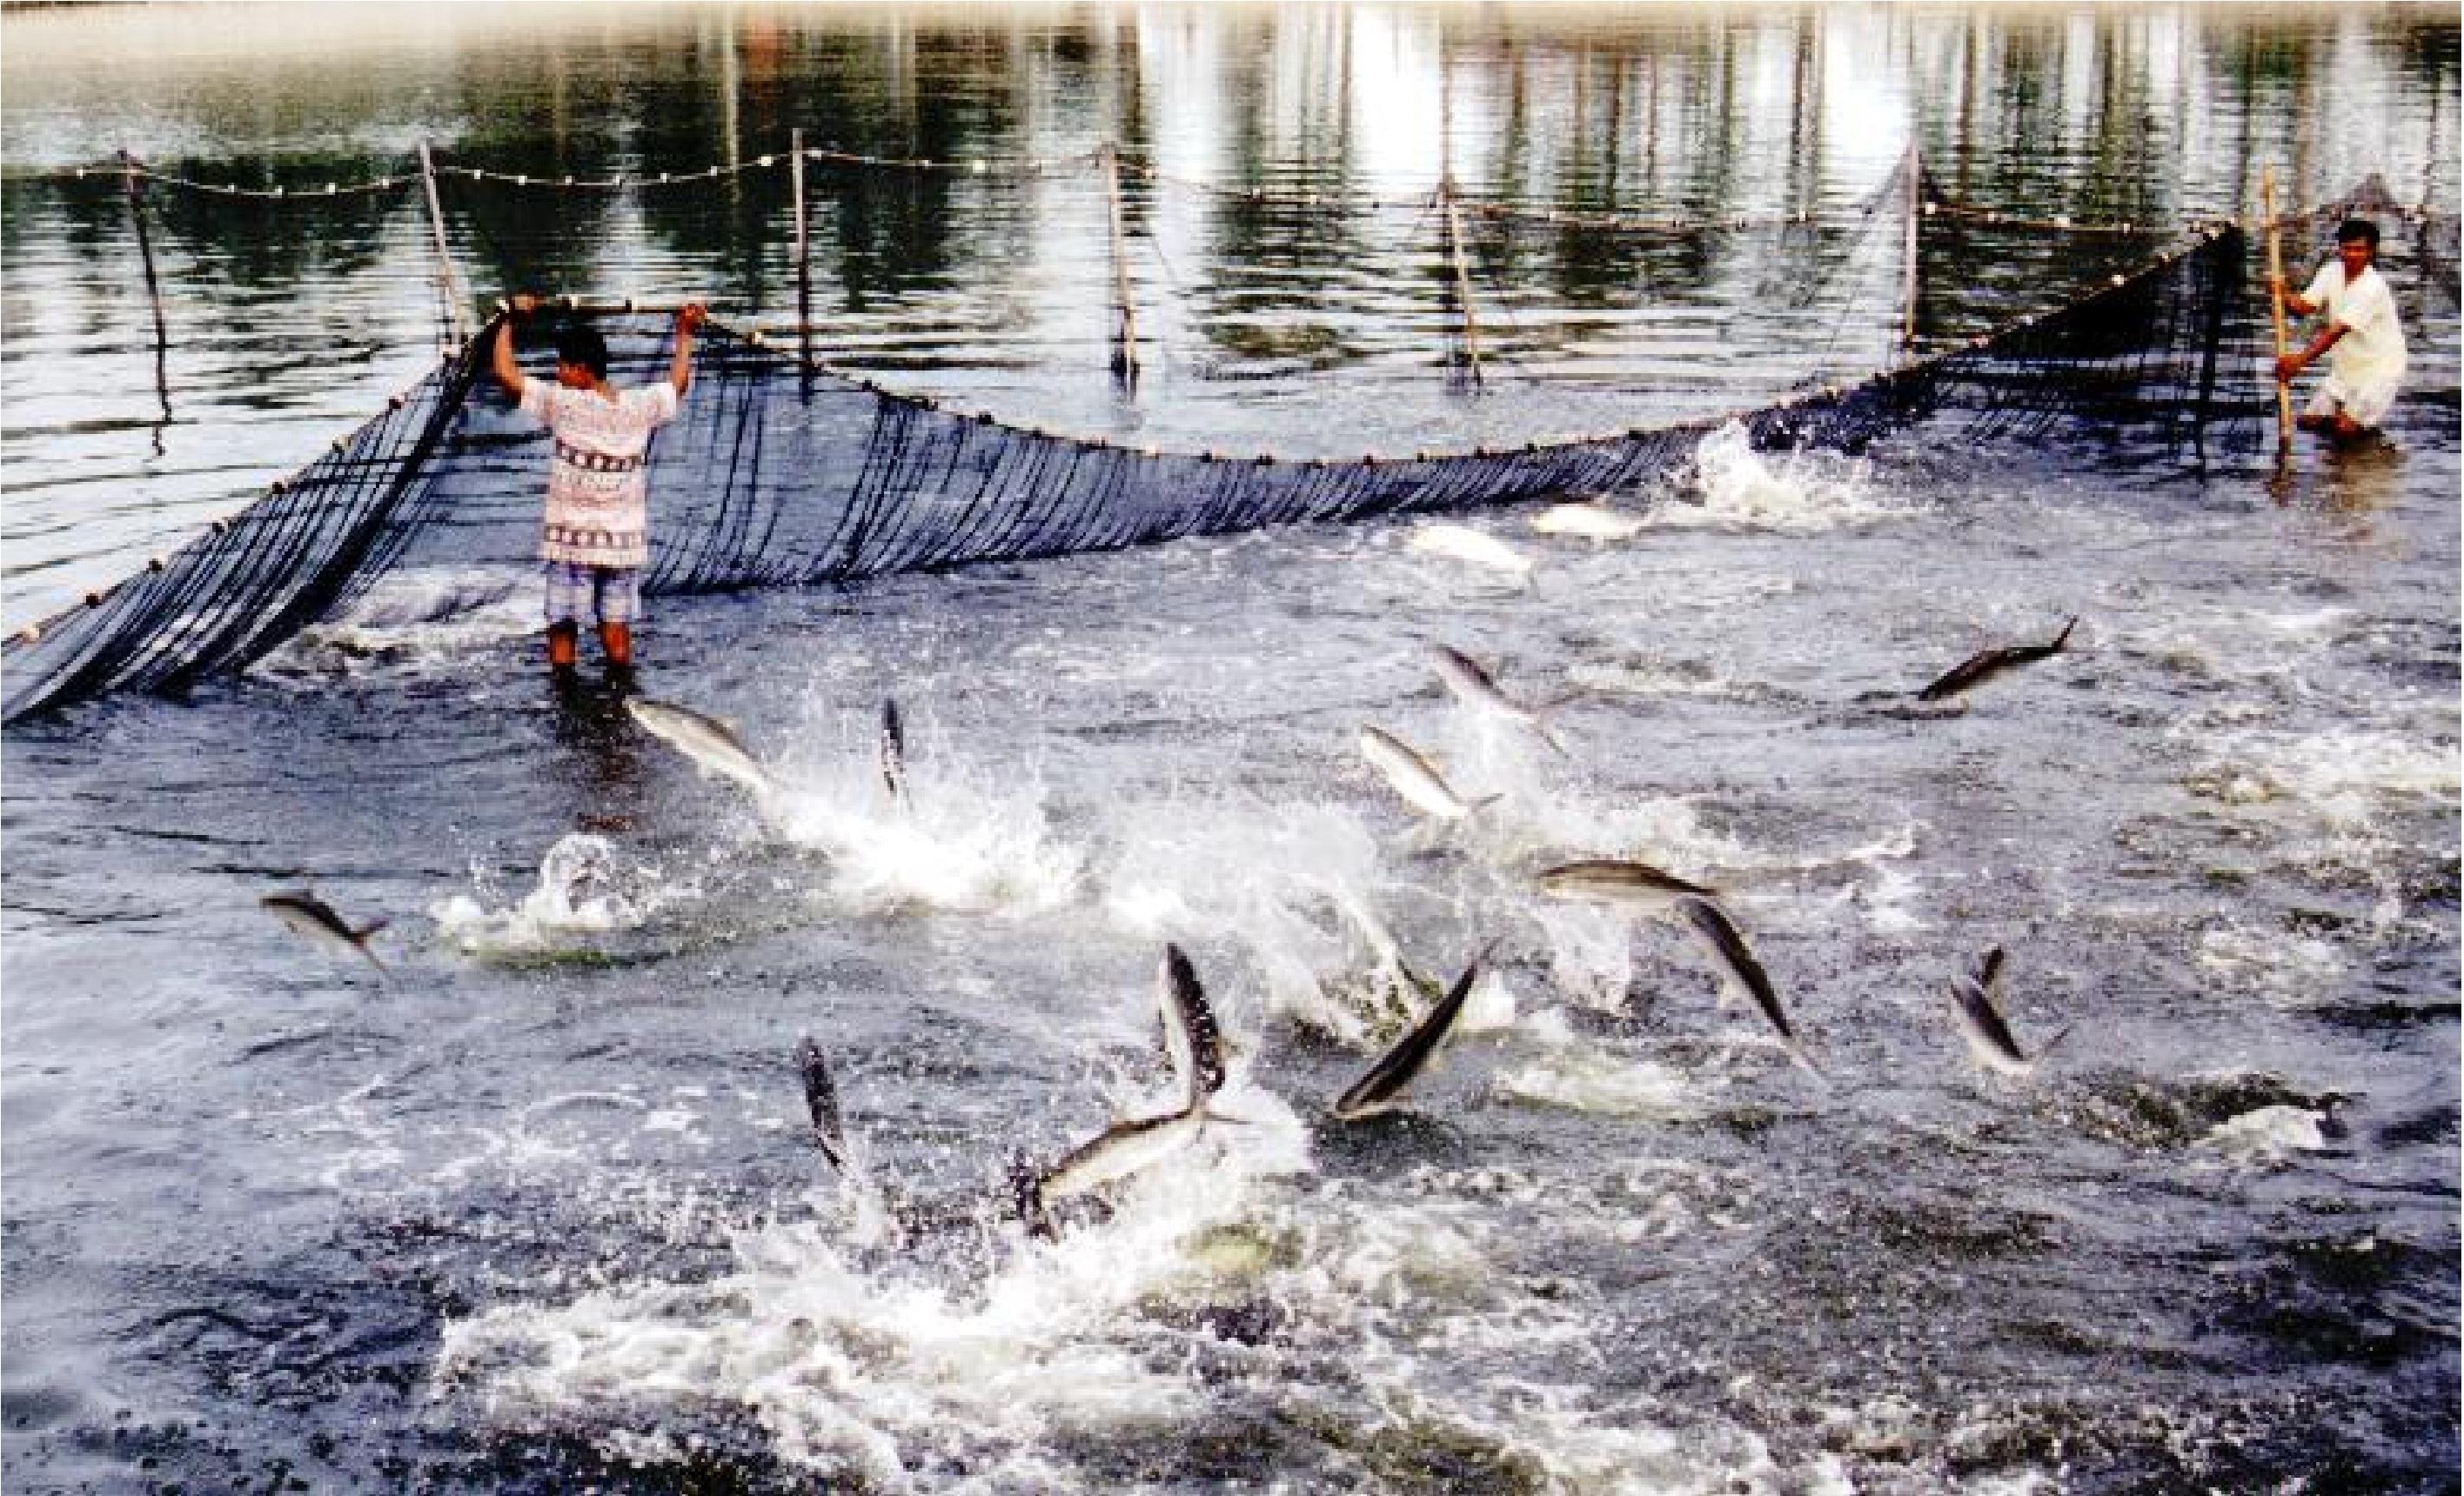 Tổng cục Thủy sản: Làm giả công văn, cấp chứng nhận trái phép hơn 800 sản phẩm - 1